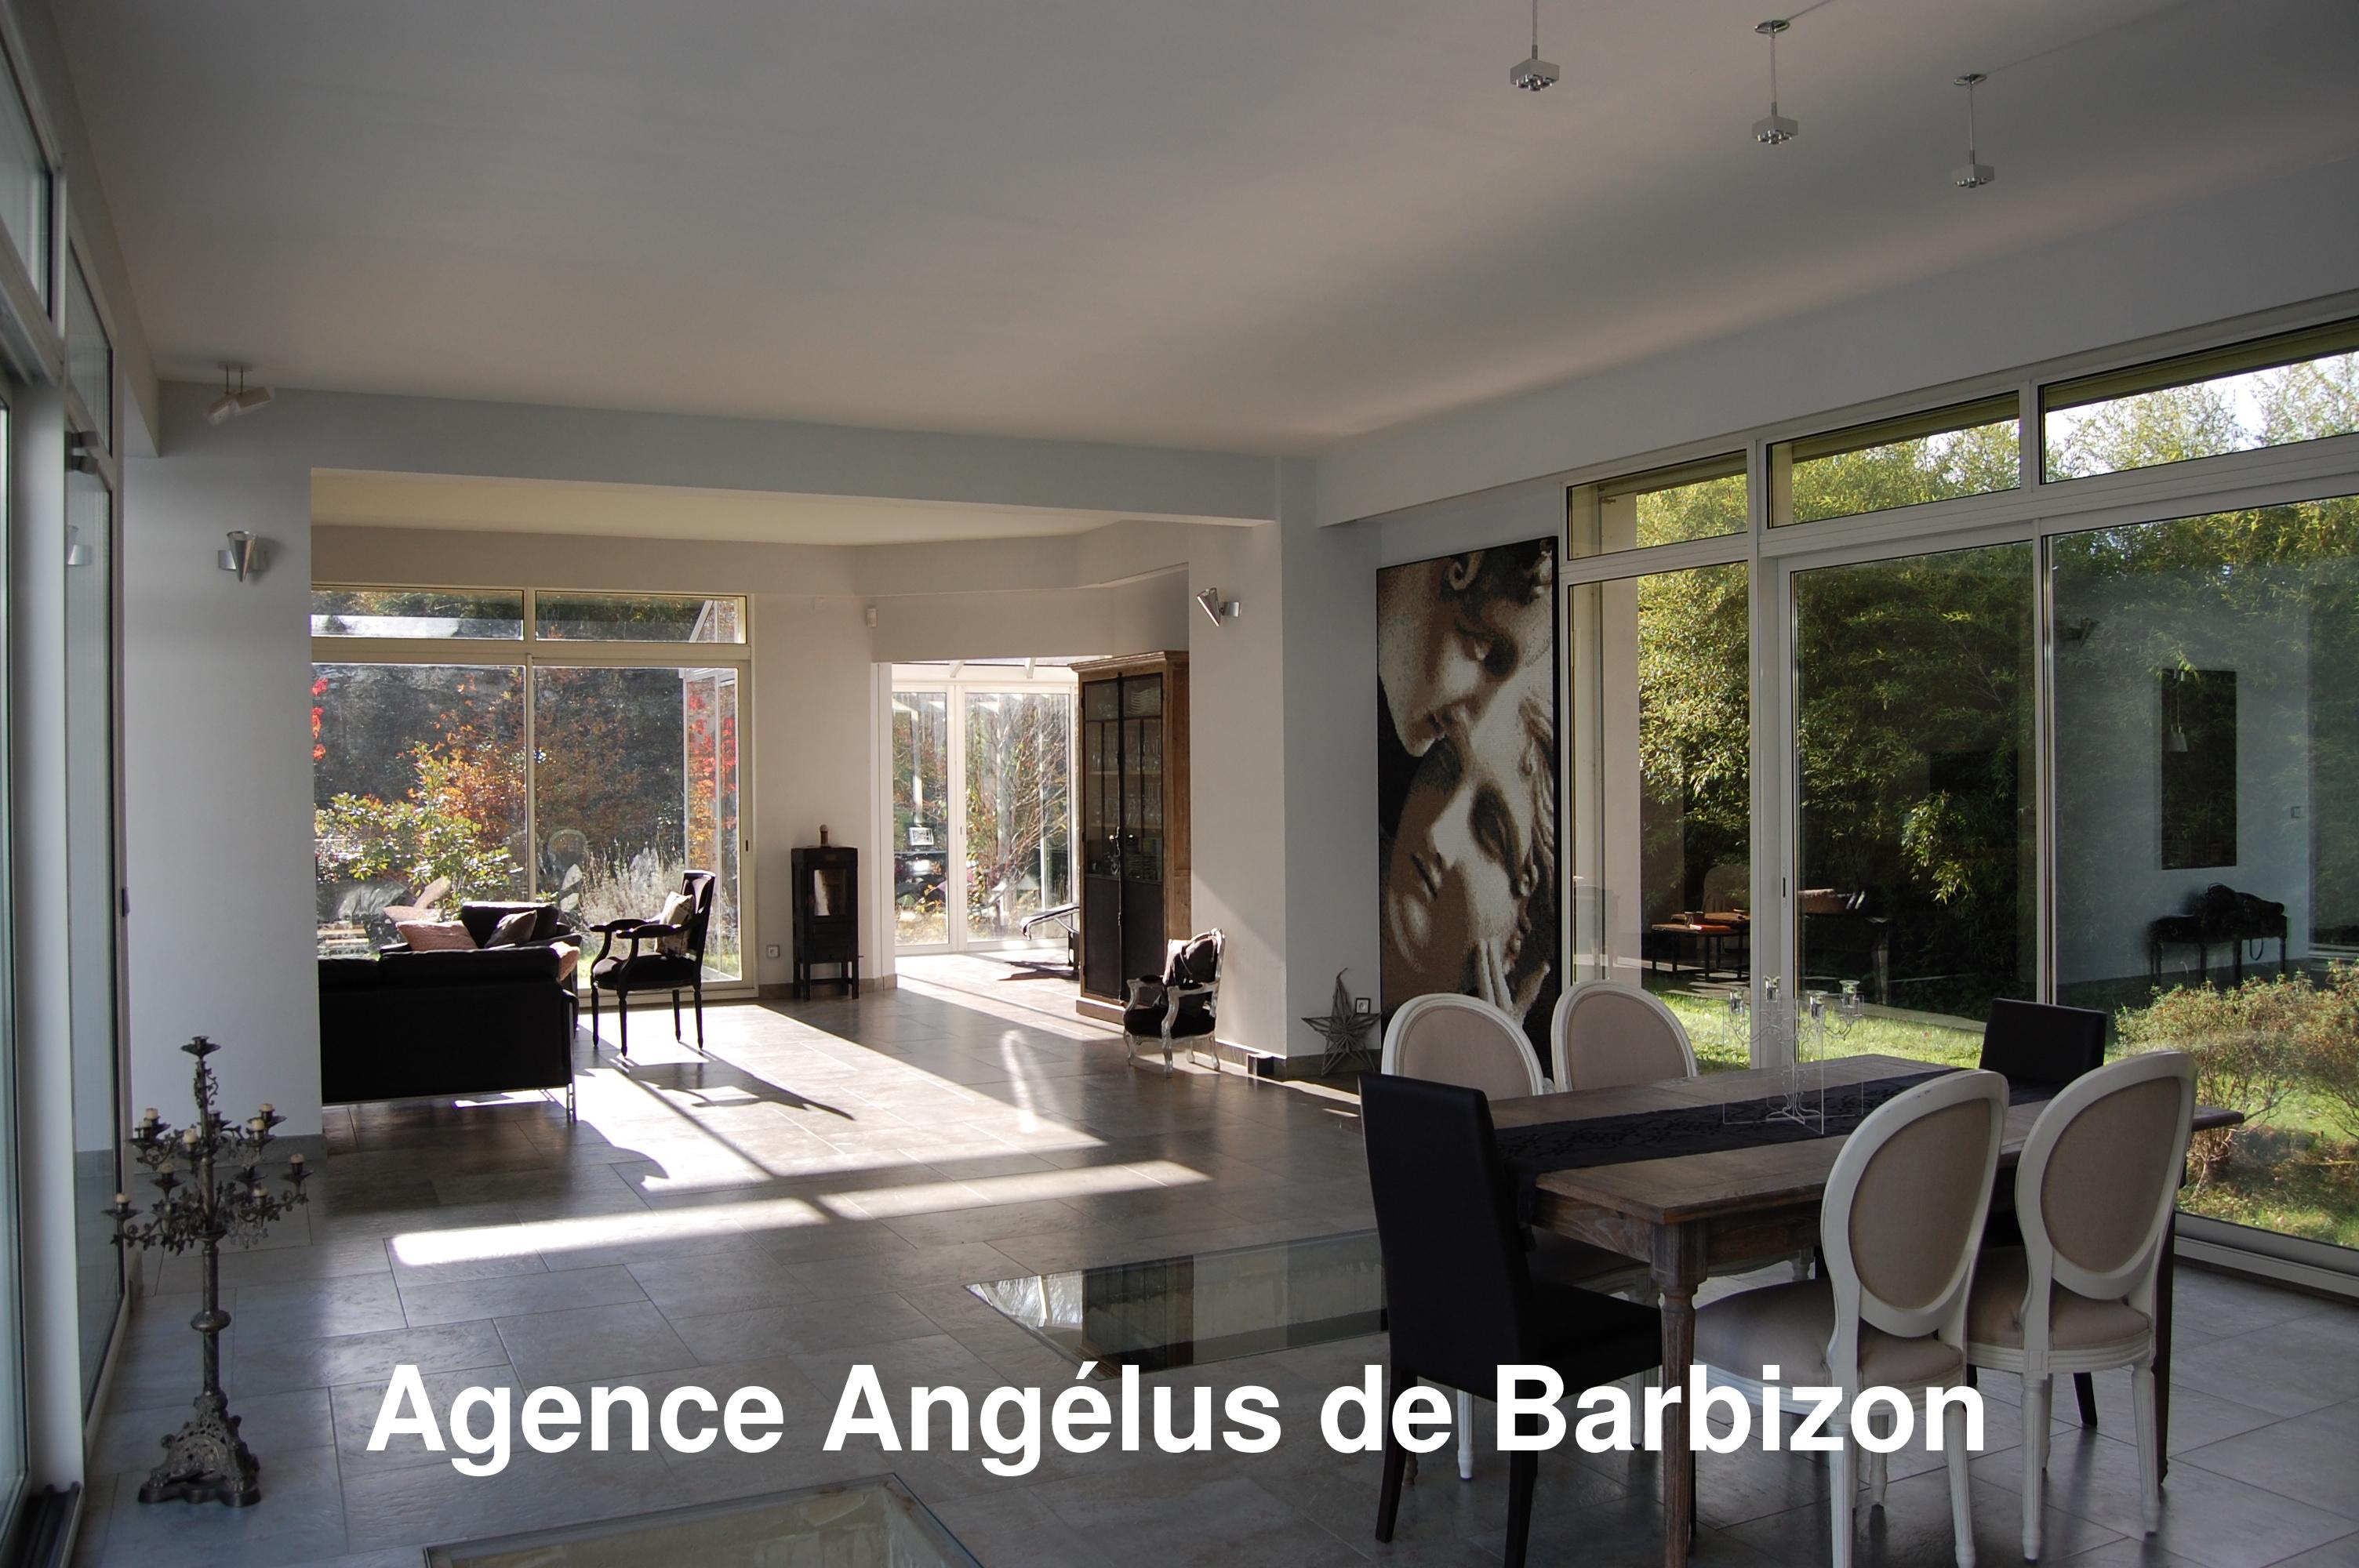 Vente maison 77 Seine et Marne achat villa Seine et Marne